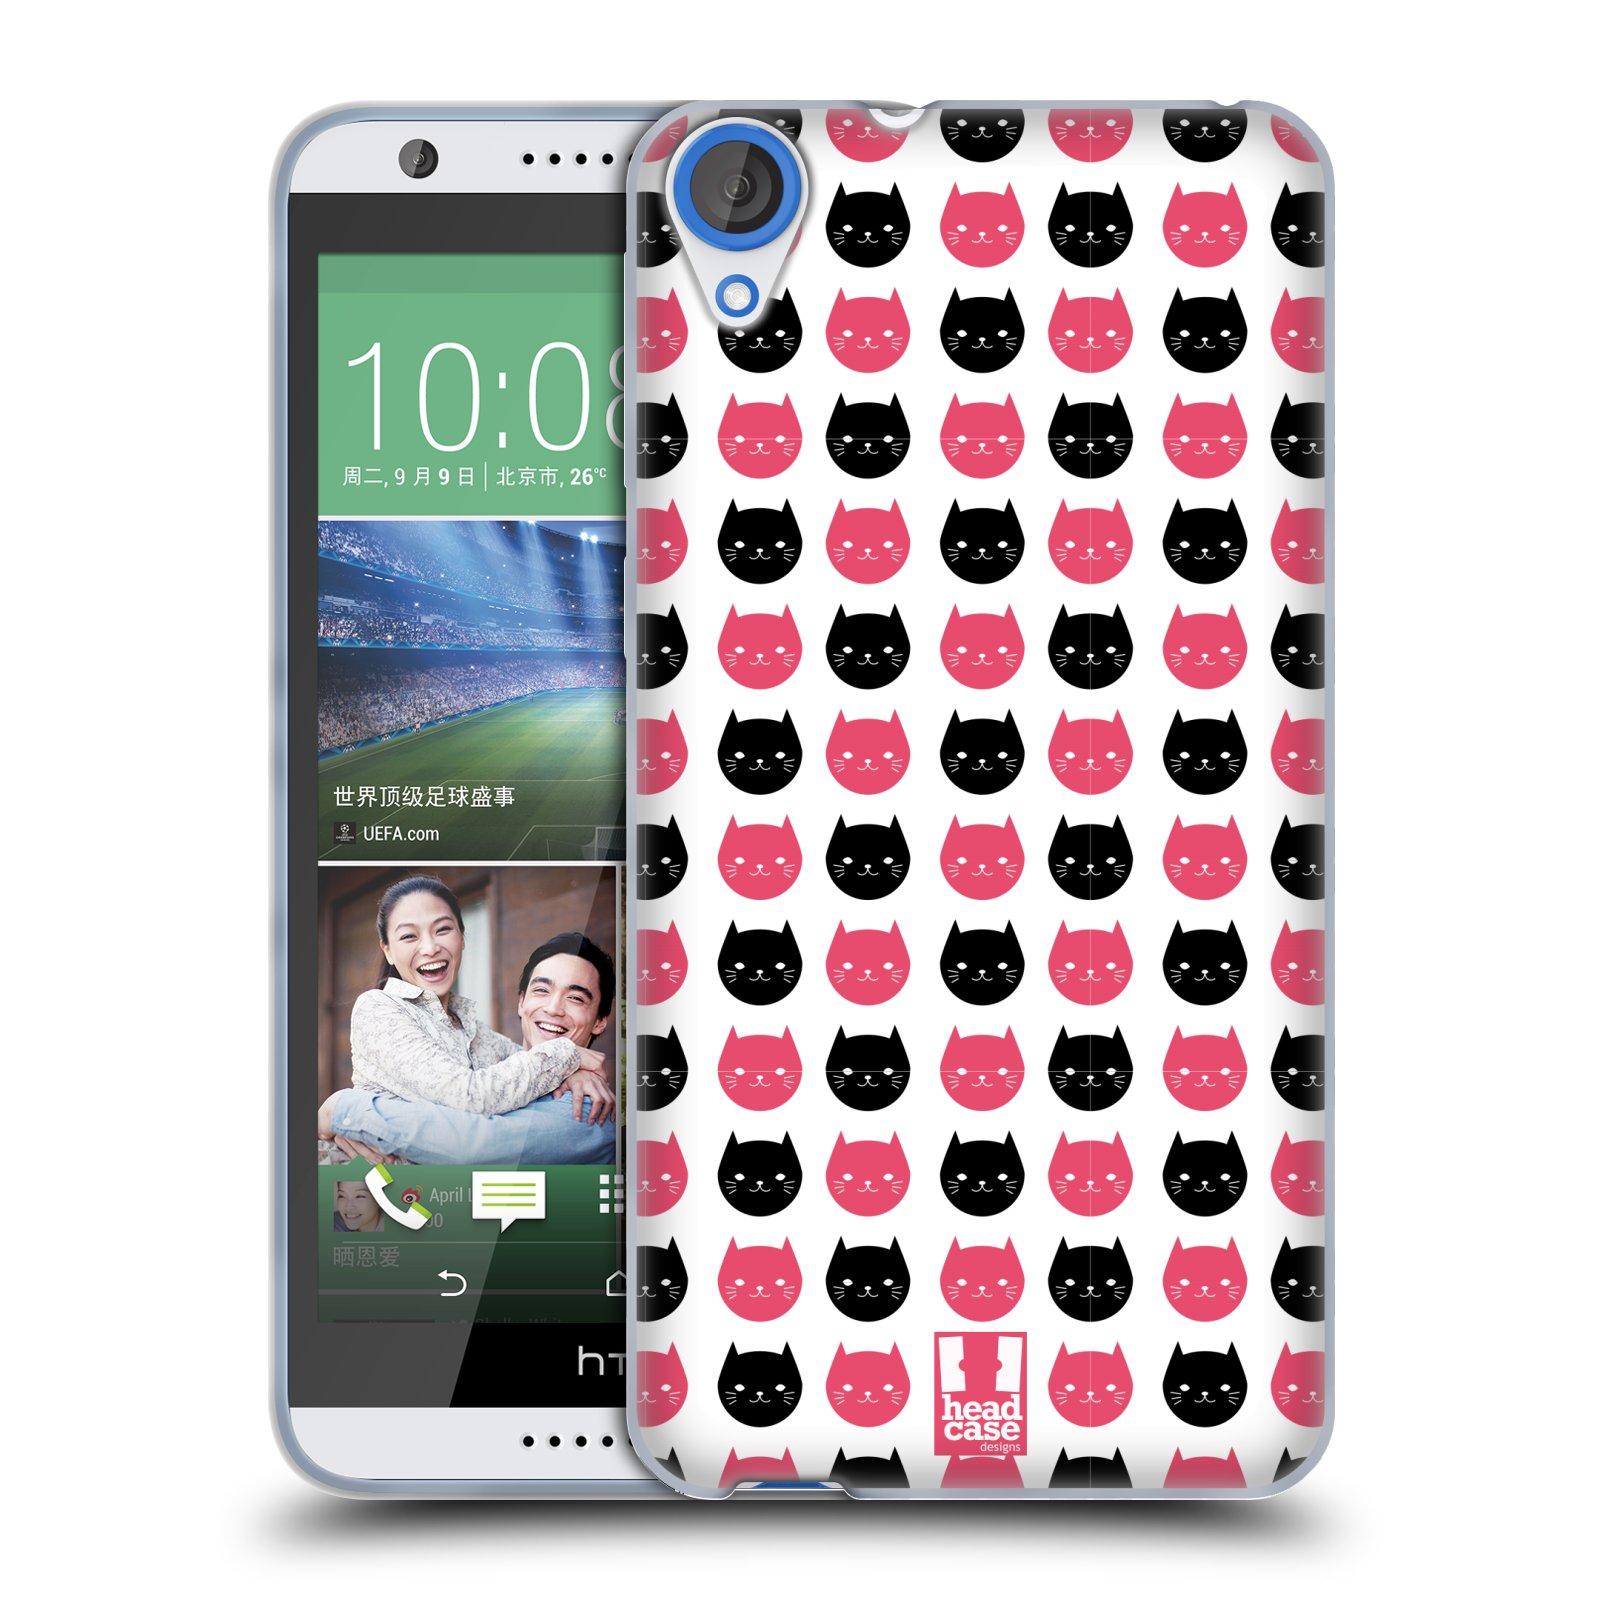 Silikonové pouzdro na mobil HTC Desire 820 HEAD CASE KOČKY Black and Pink (Silikonový kryt či obal na mobilní telefon HTC Desire 820)